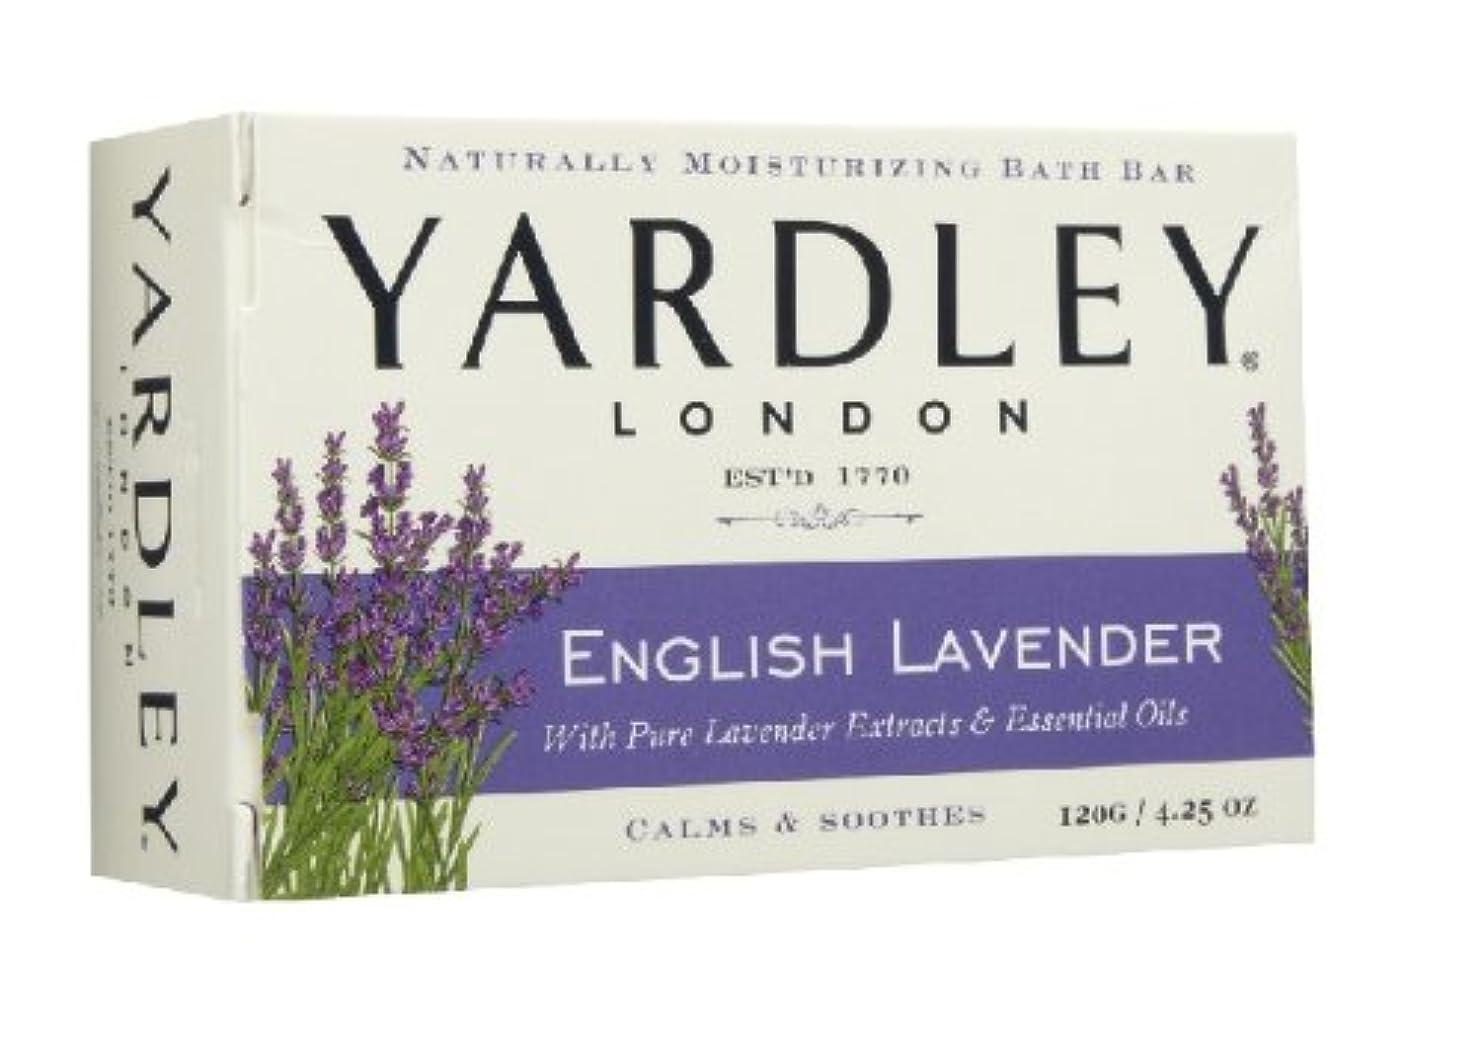 トレッド上げるたらい【2個 ハワイ直送品】Yardley London English Lavender Verbena Moisturizing Bath Bar ヤードリー イングリッシュラベンダー ソープ 120g